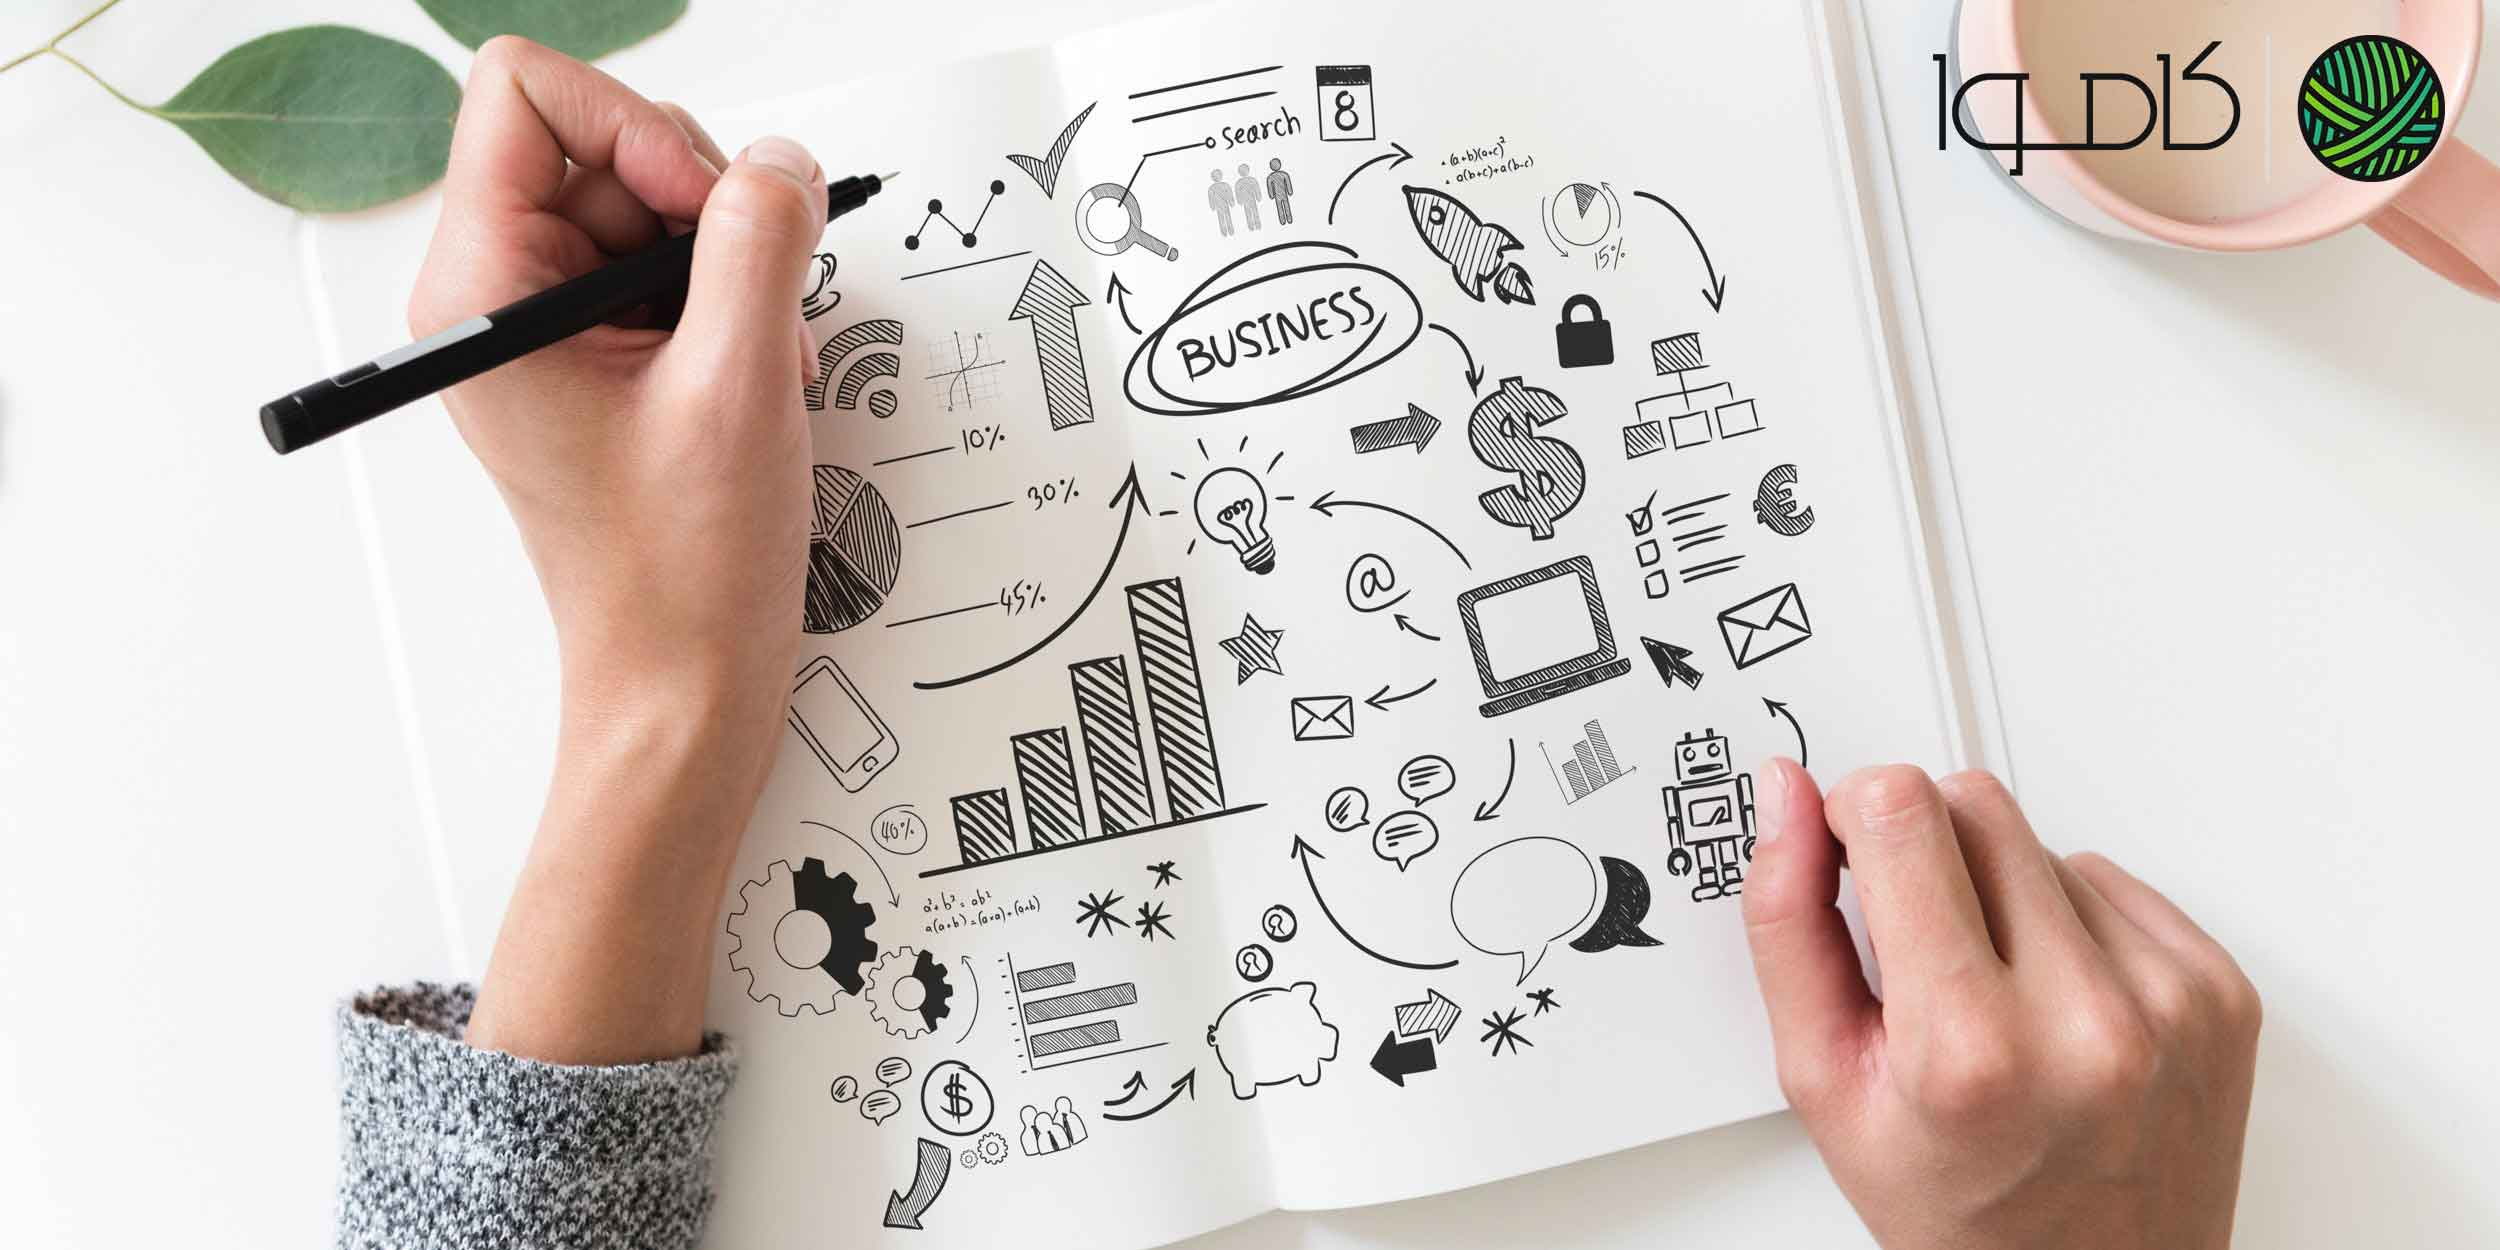 آشنایی با نرخ تبدیل و روش های بهینه سازی آن در فروشگاههای اینترنتی